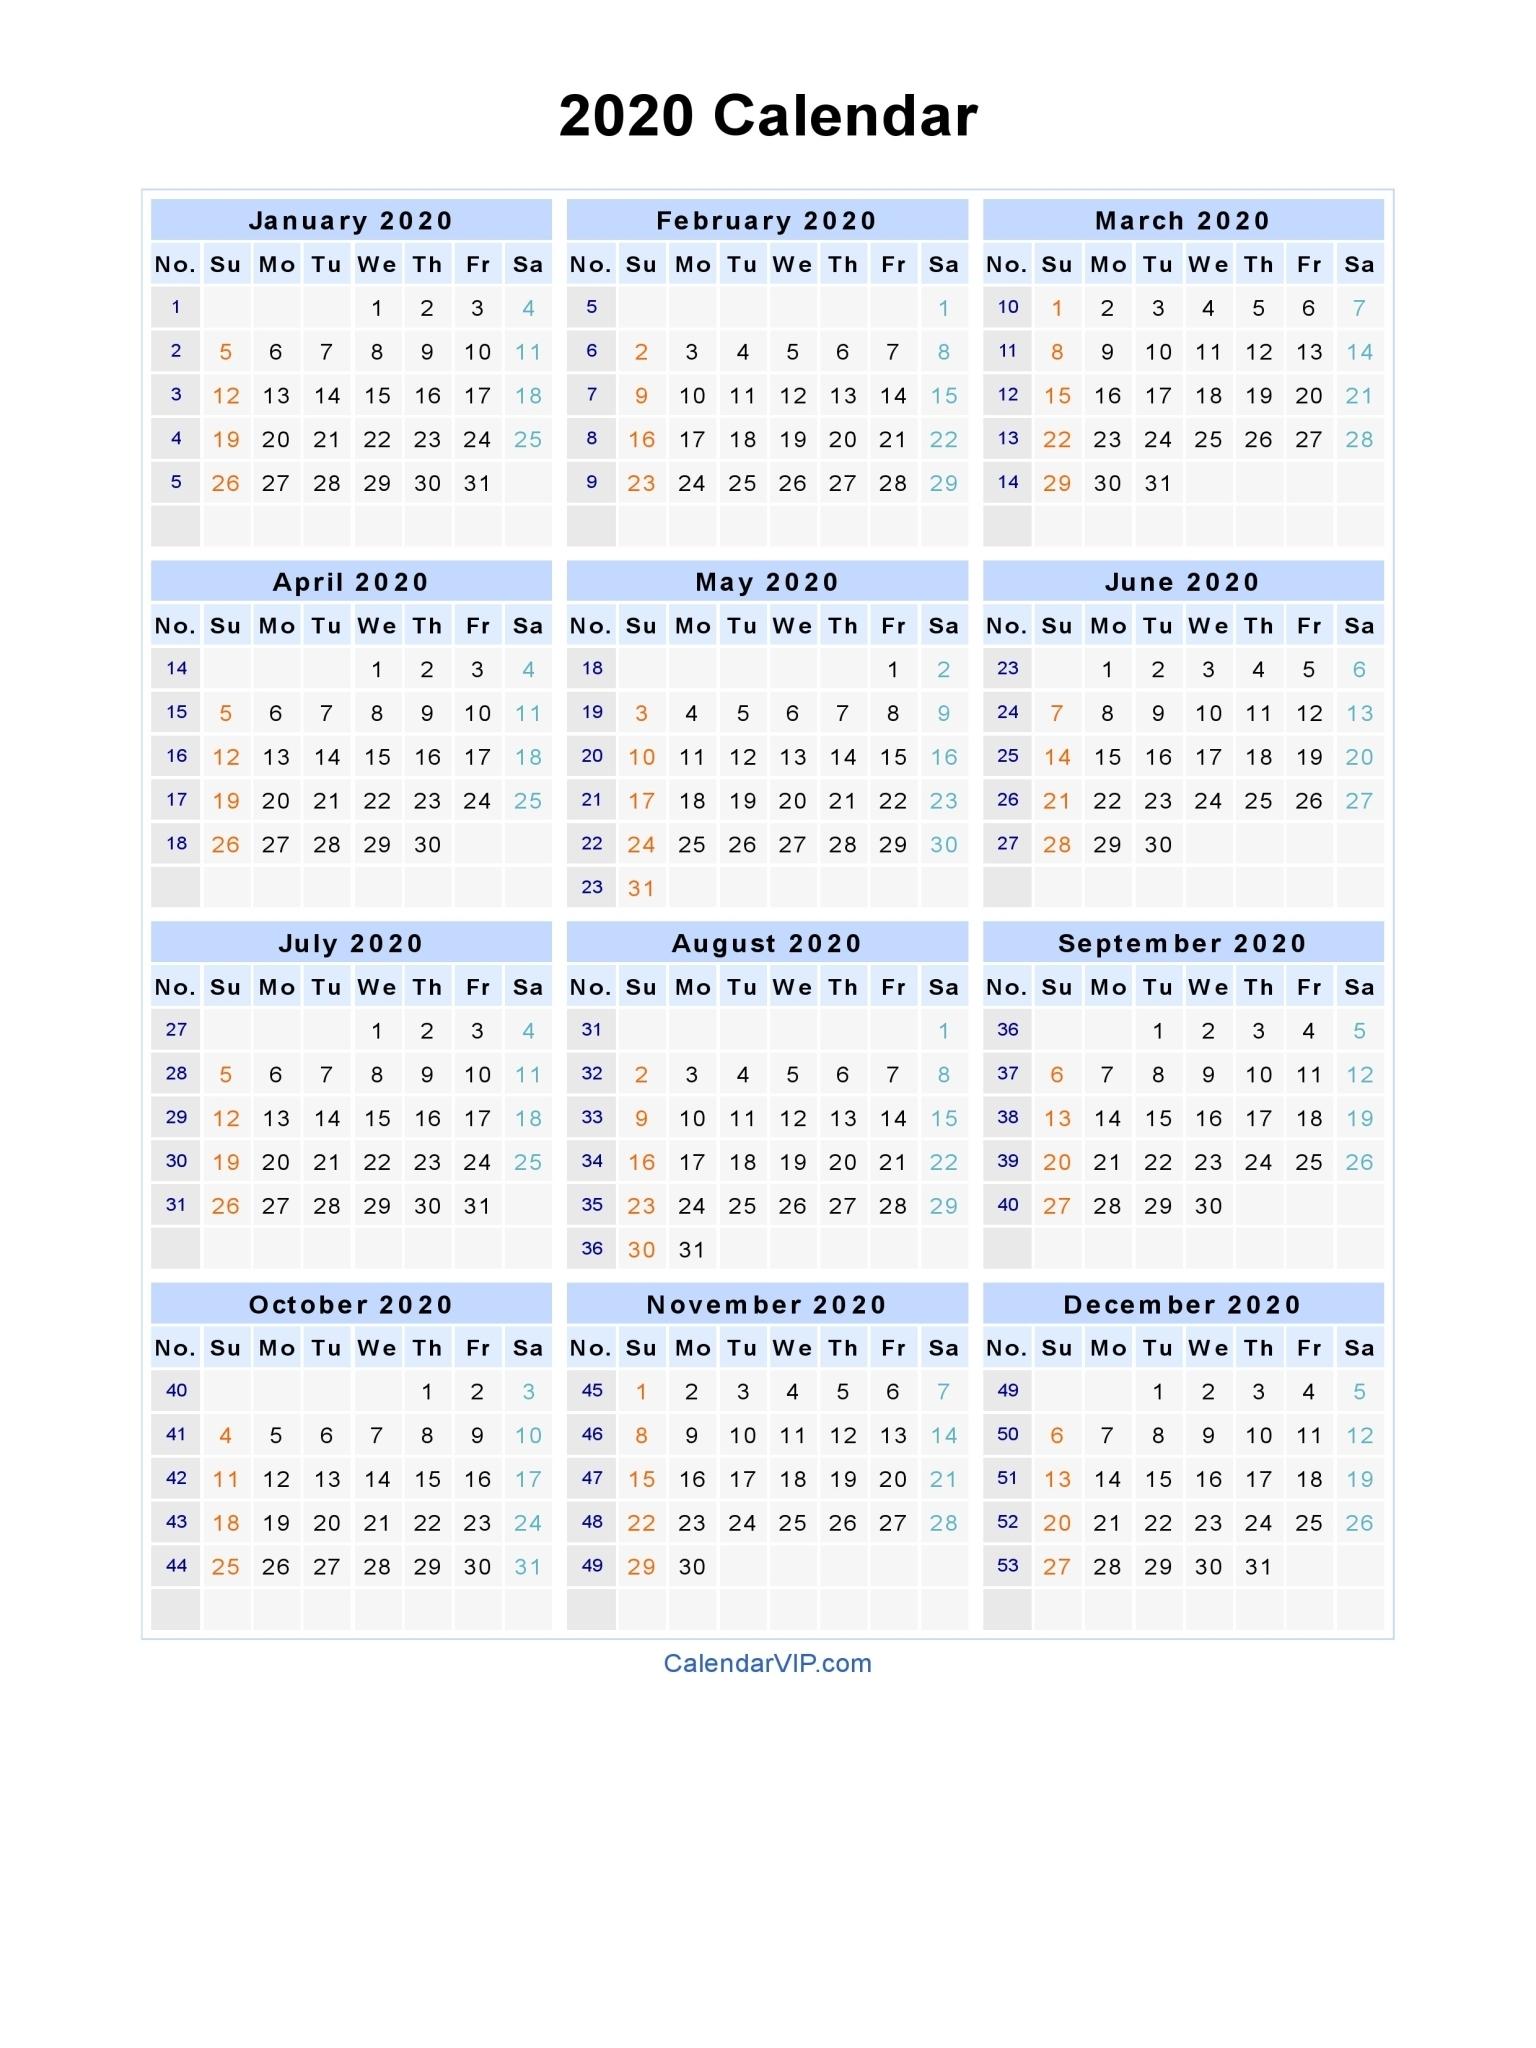 2020 Calendar With Week Numbers | Free Printable Calendar